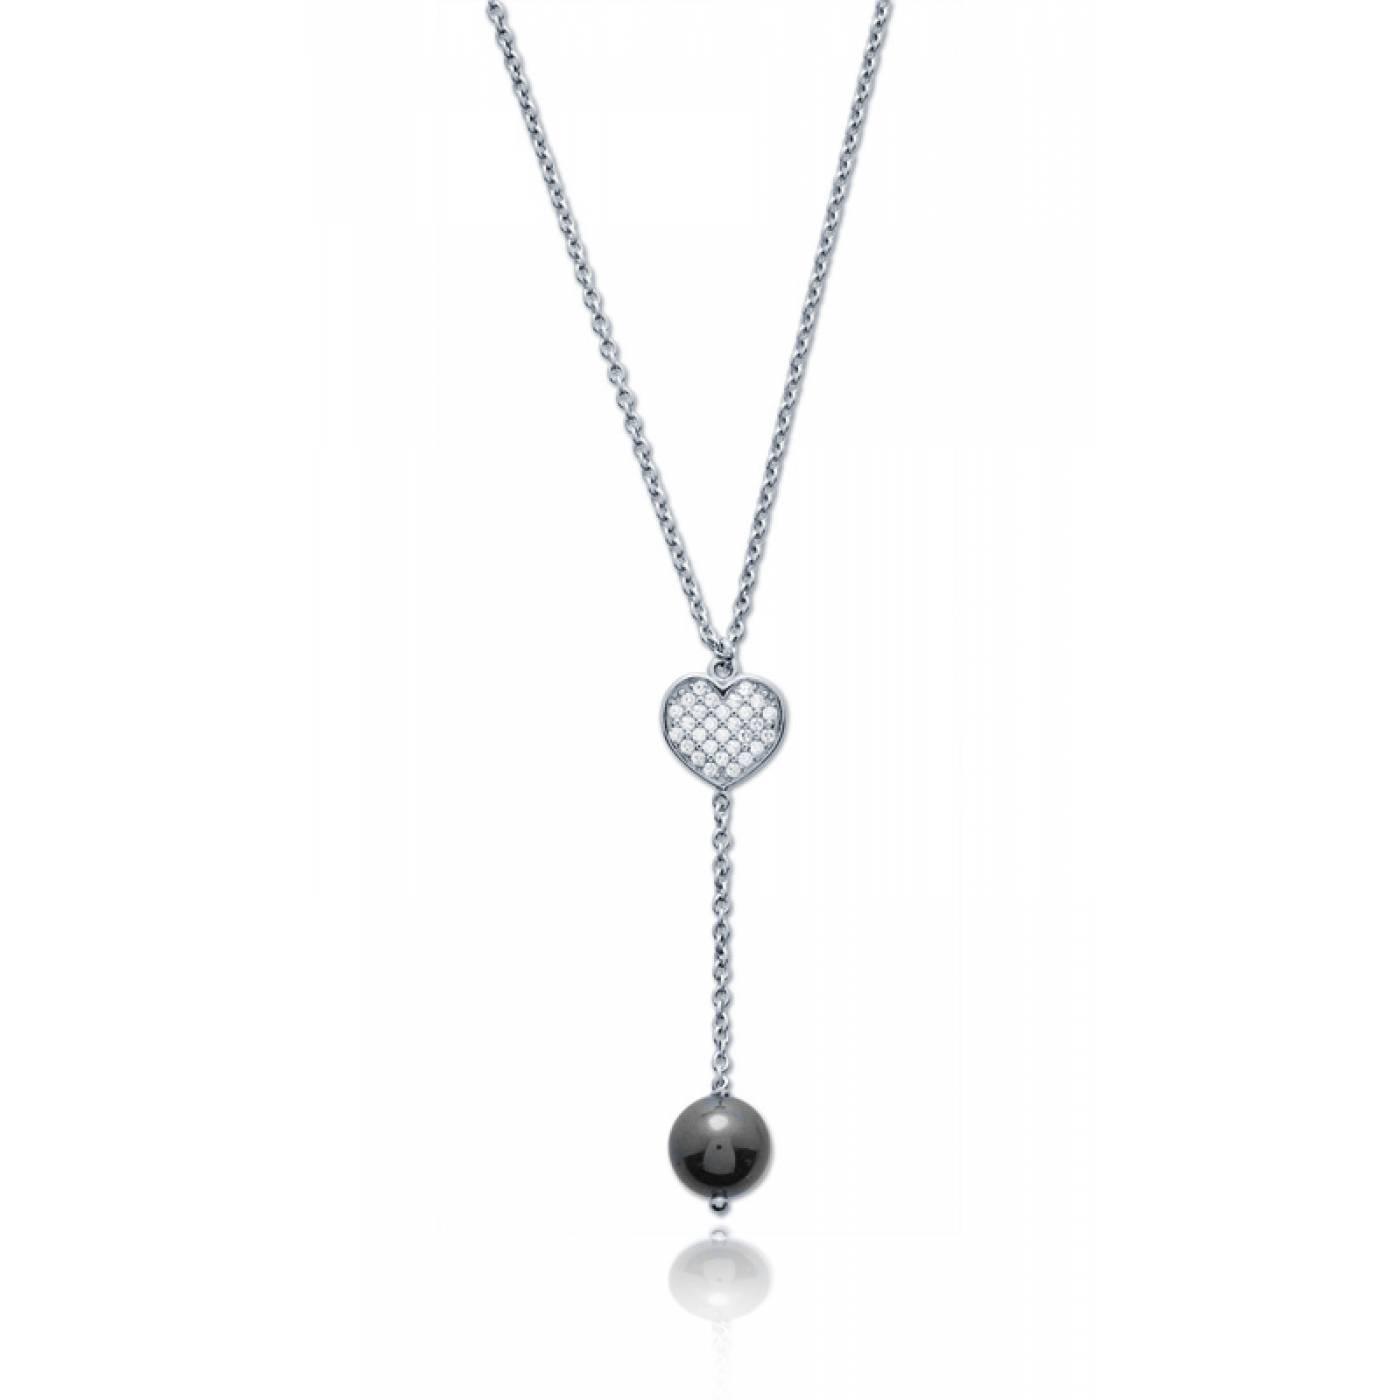 collier coeur femme infini noir bijoux paris. Black Bedroom Furniture Sets. Home Design Ideas